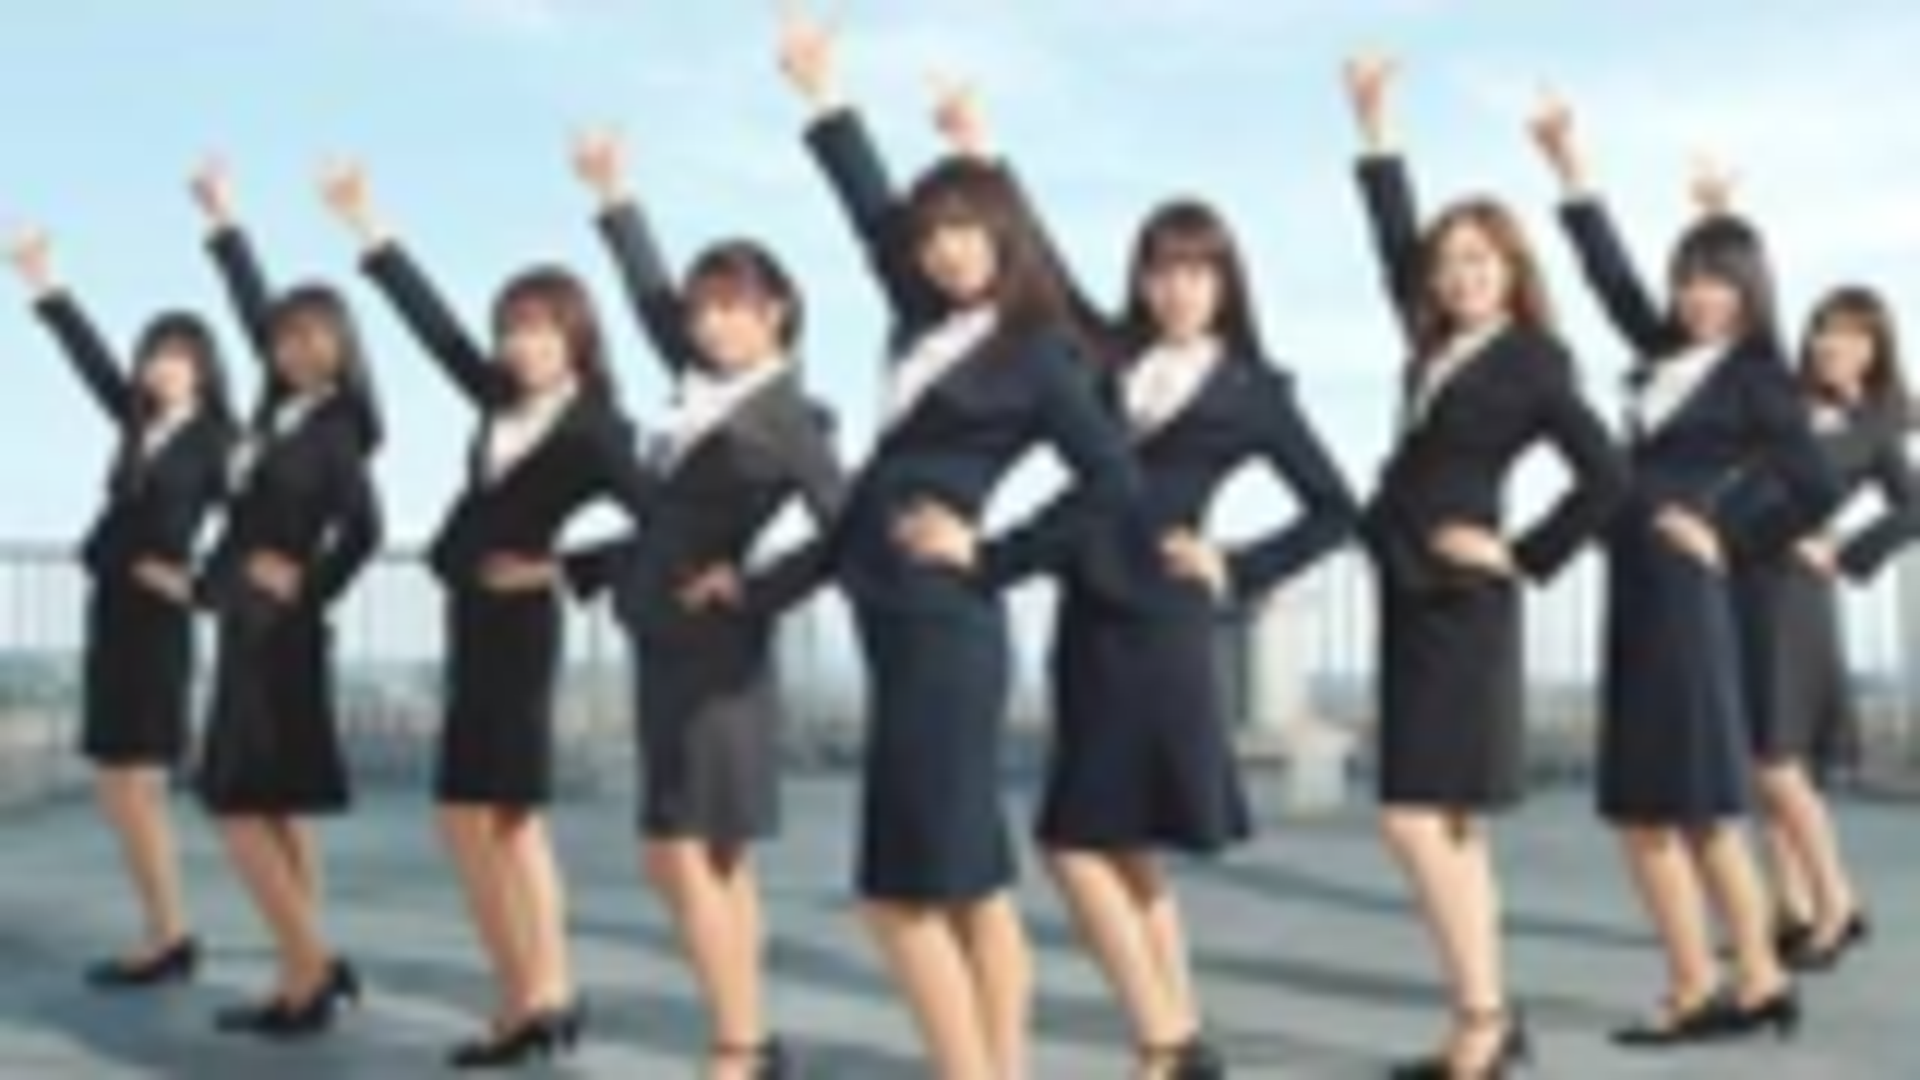 乃木坂46 はるやま2020フレッシャーズ WEB限定Movie